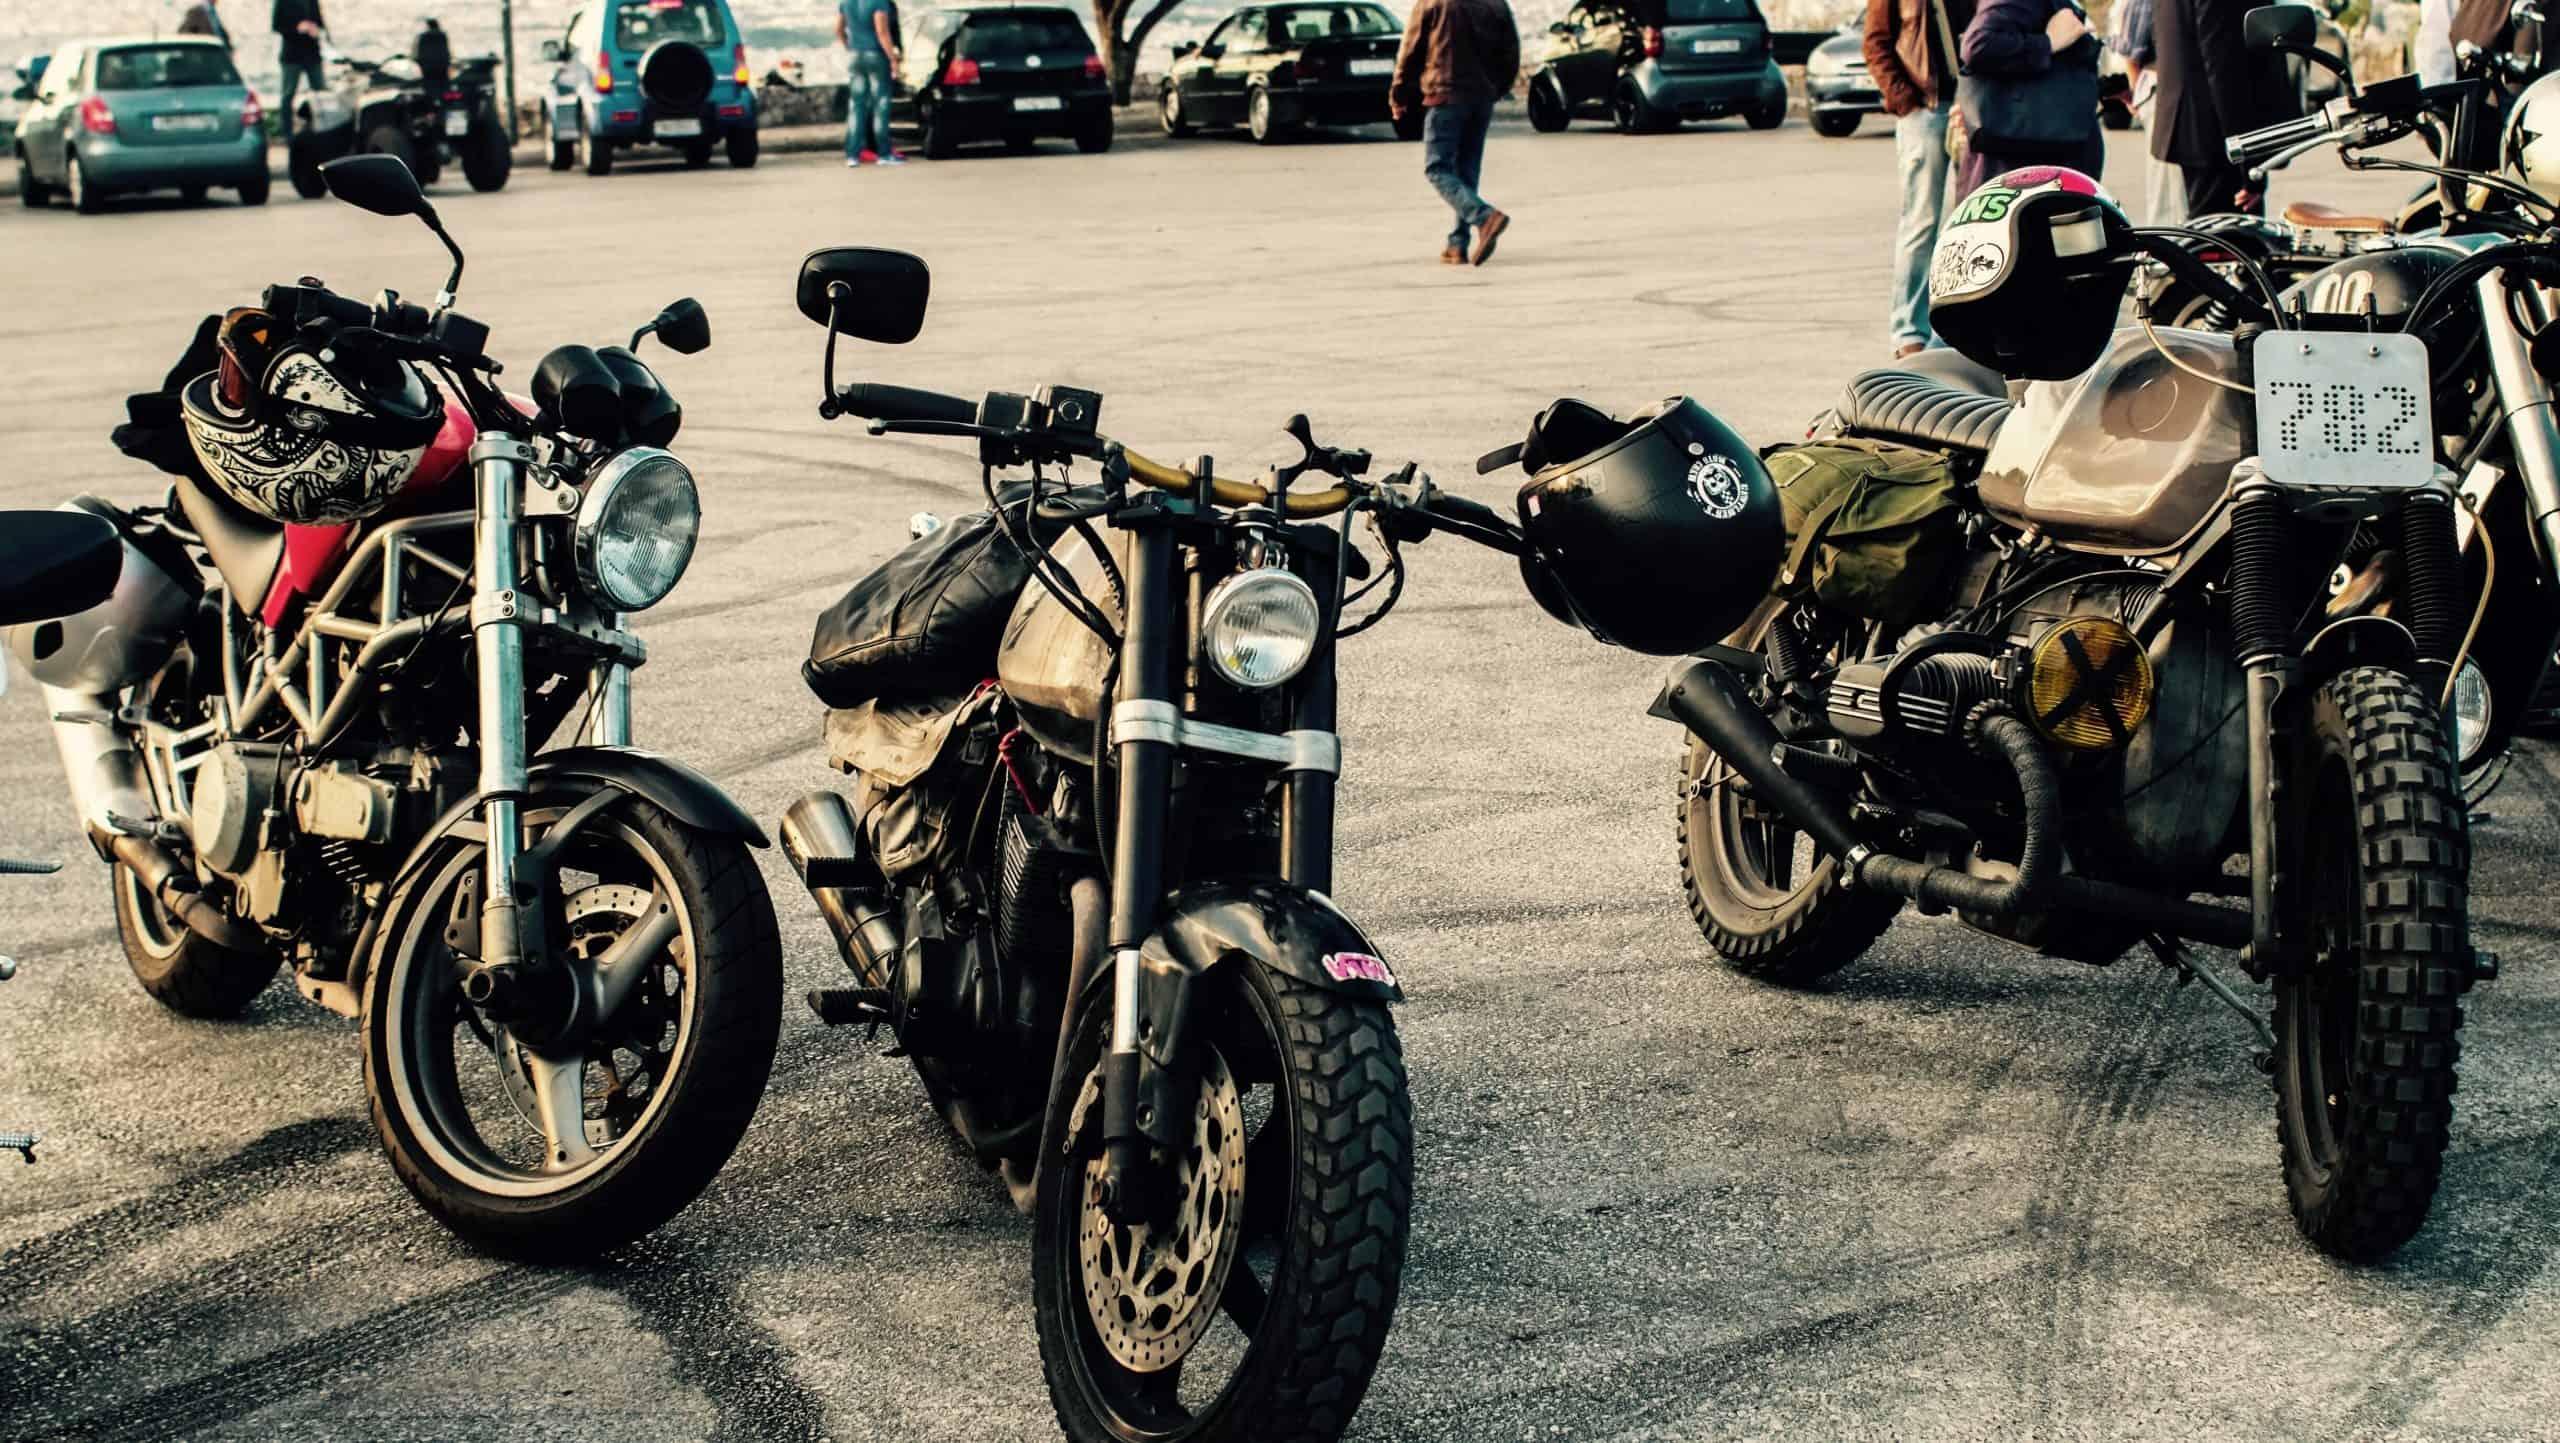 Polska. Sprzedaż nowych motocykli drastycznie spada